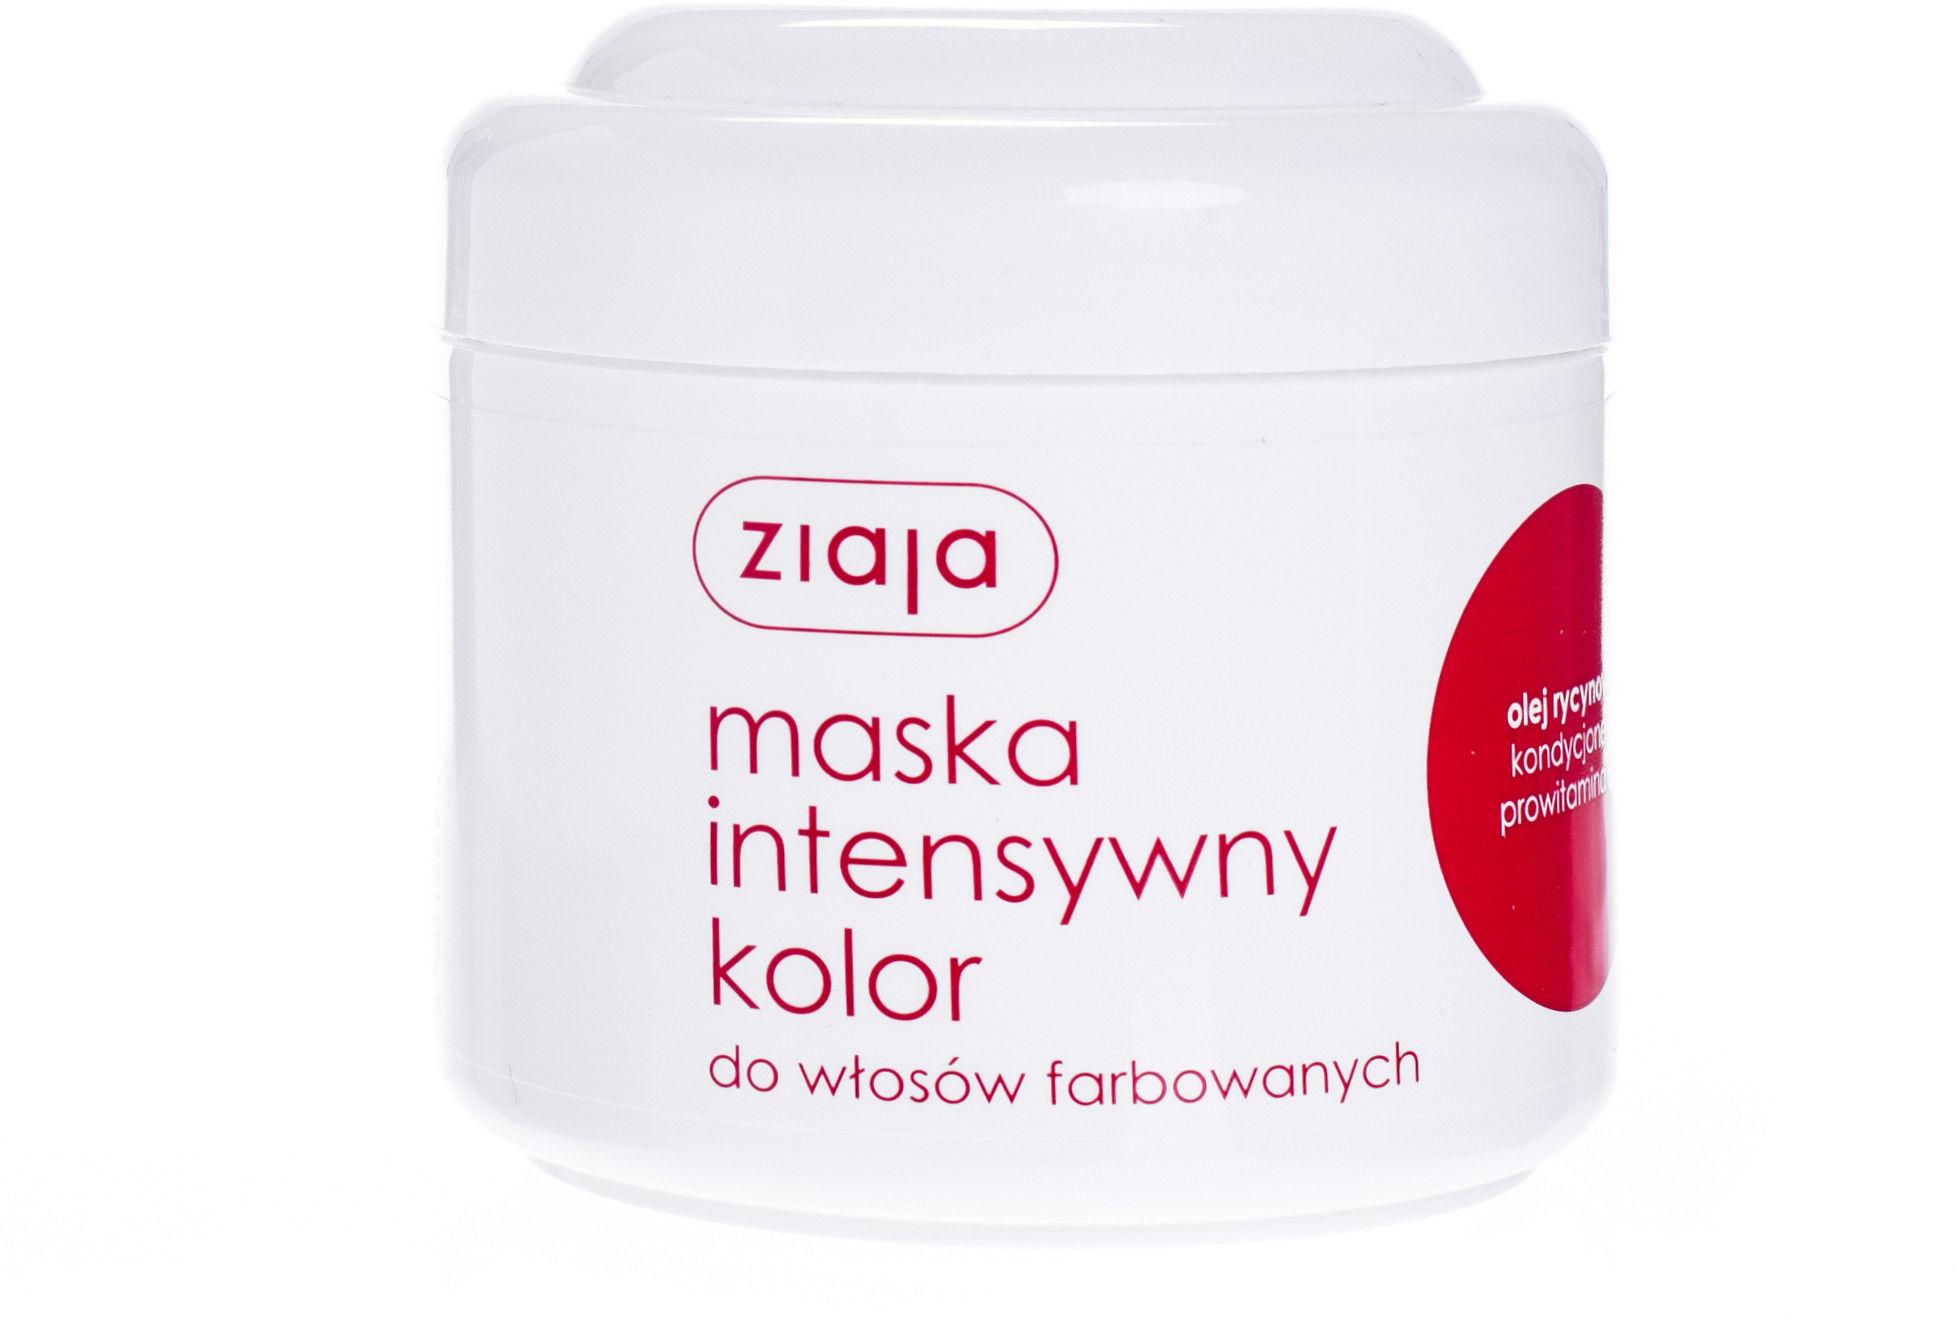 Ziaja maska do włosów intensywny kolor olej rycynowy 200 ml